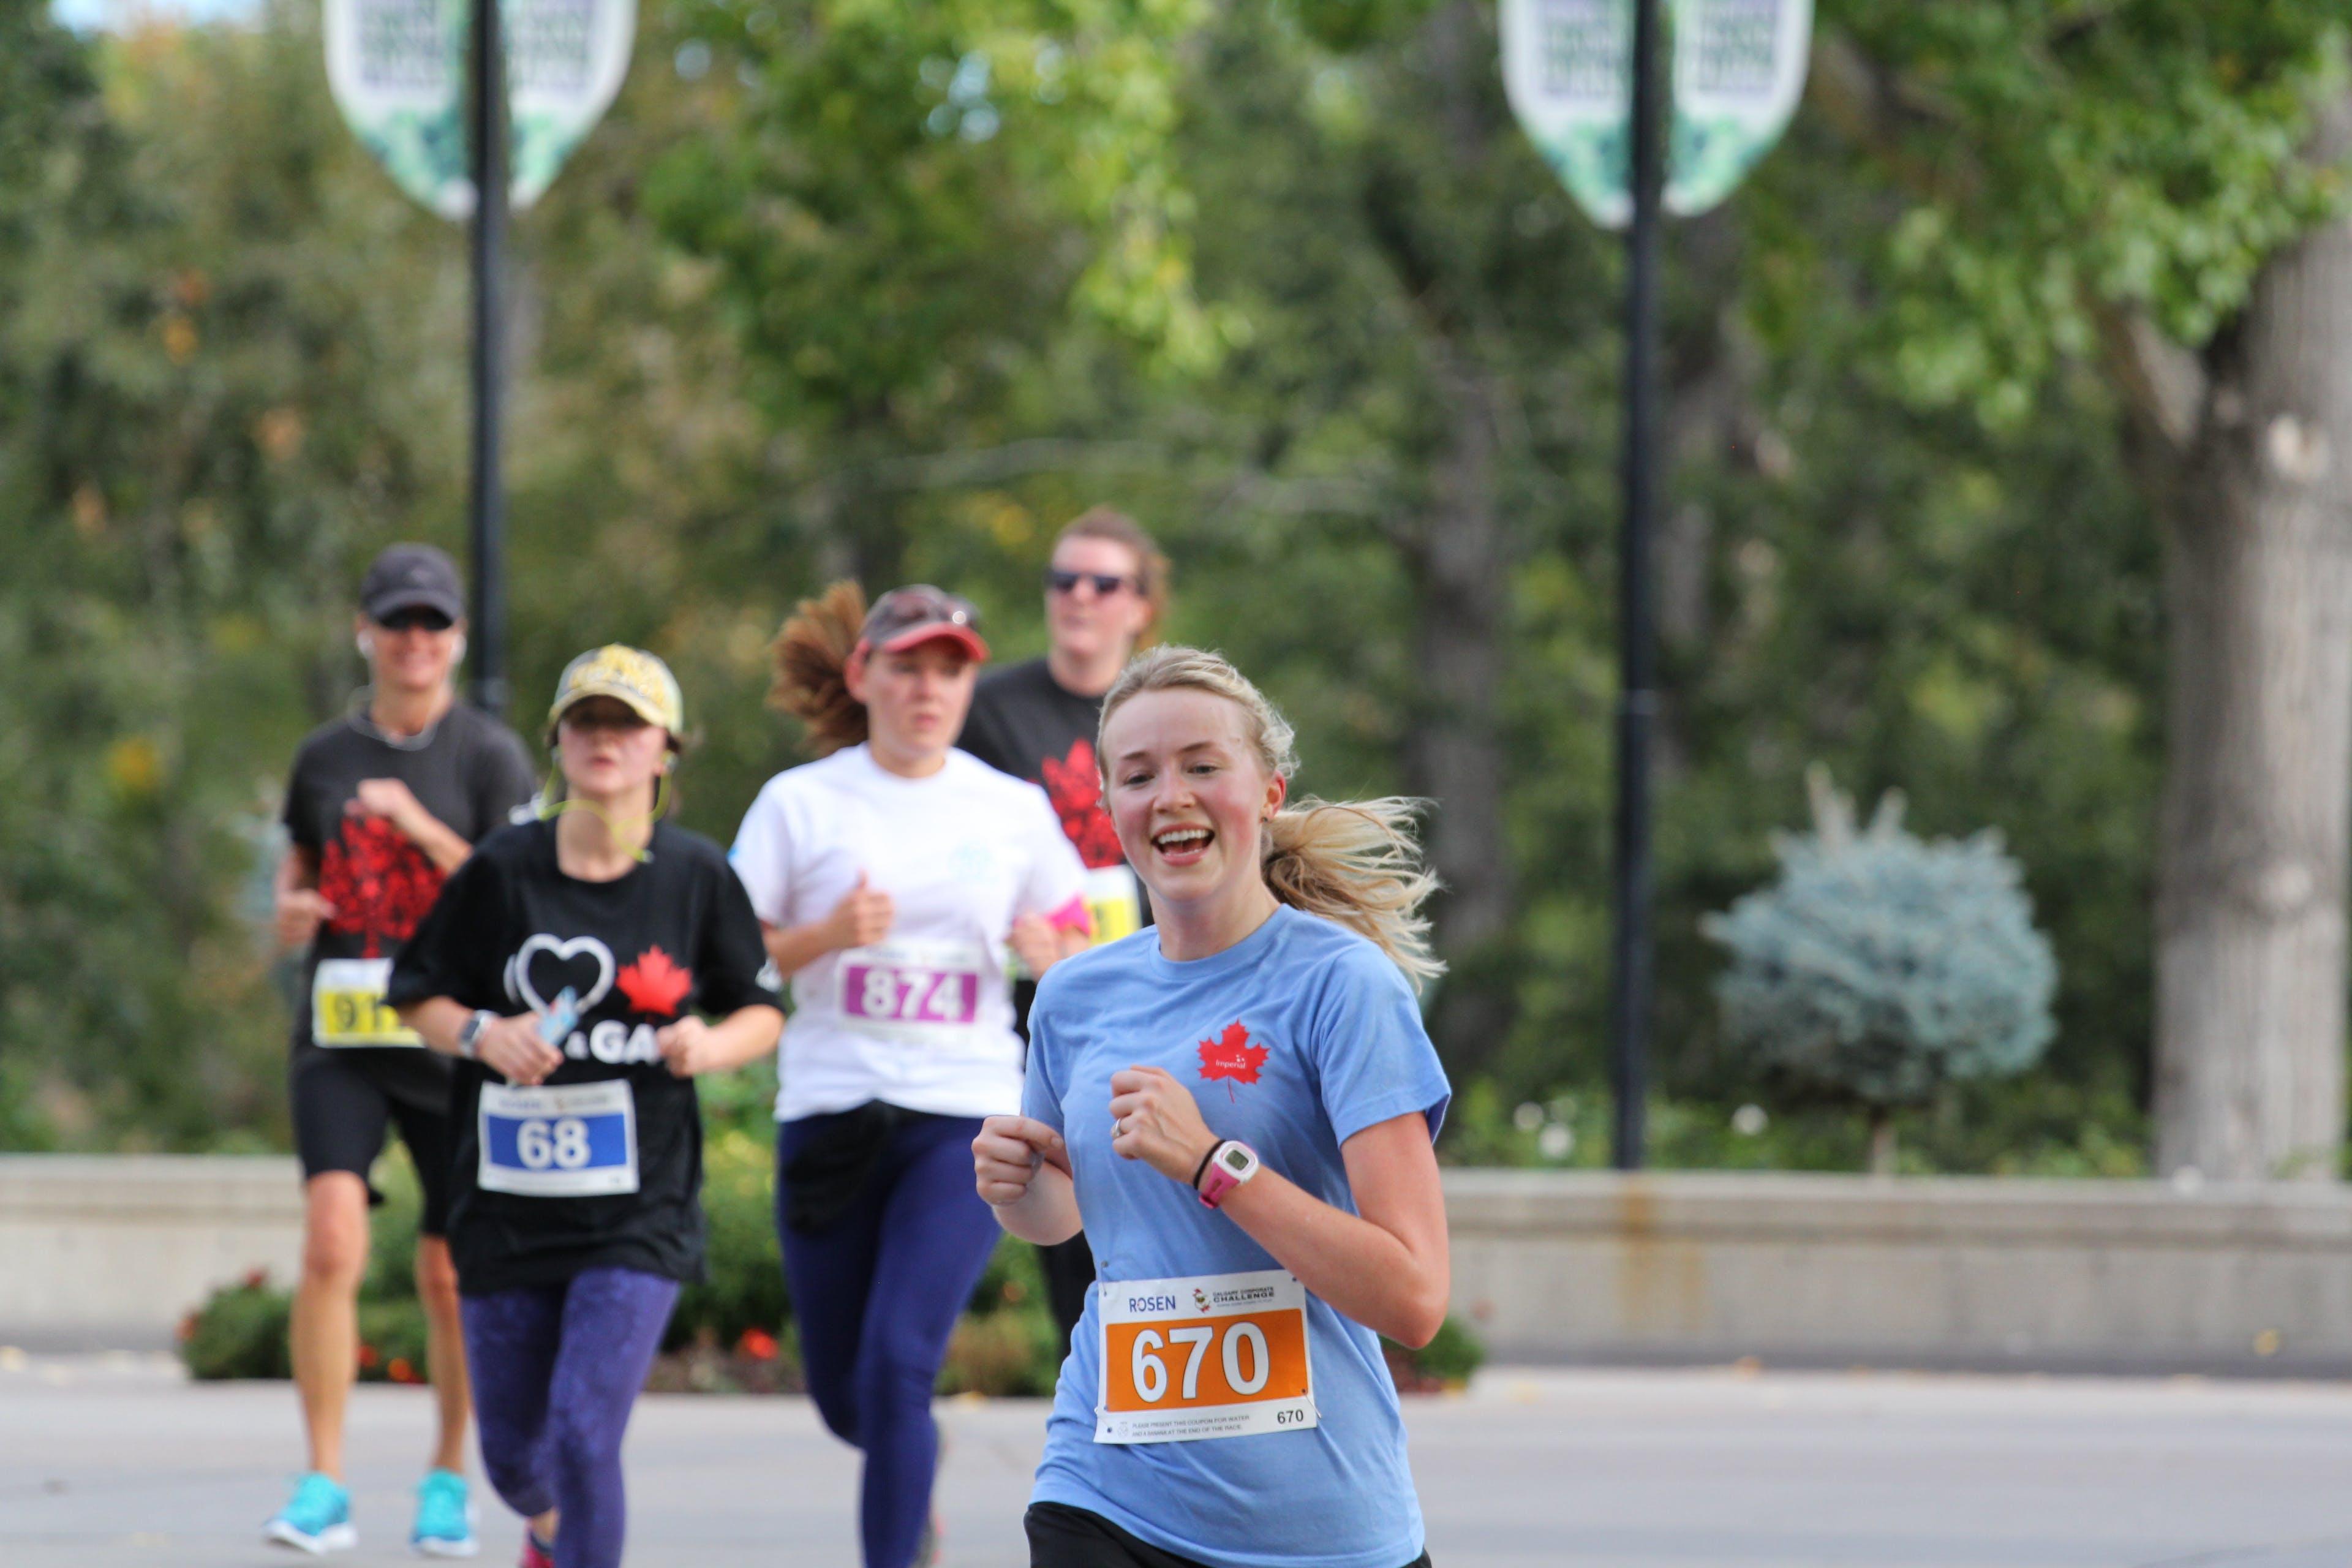 Smiling female runner